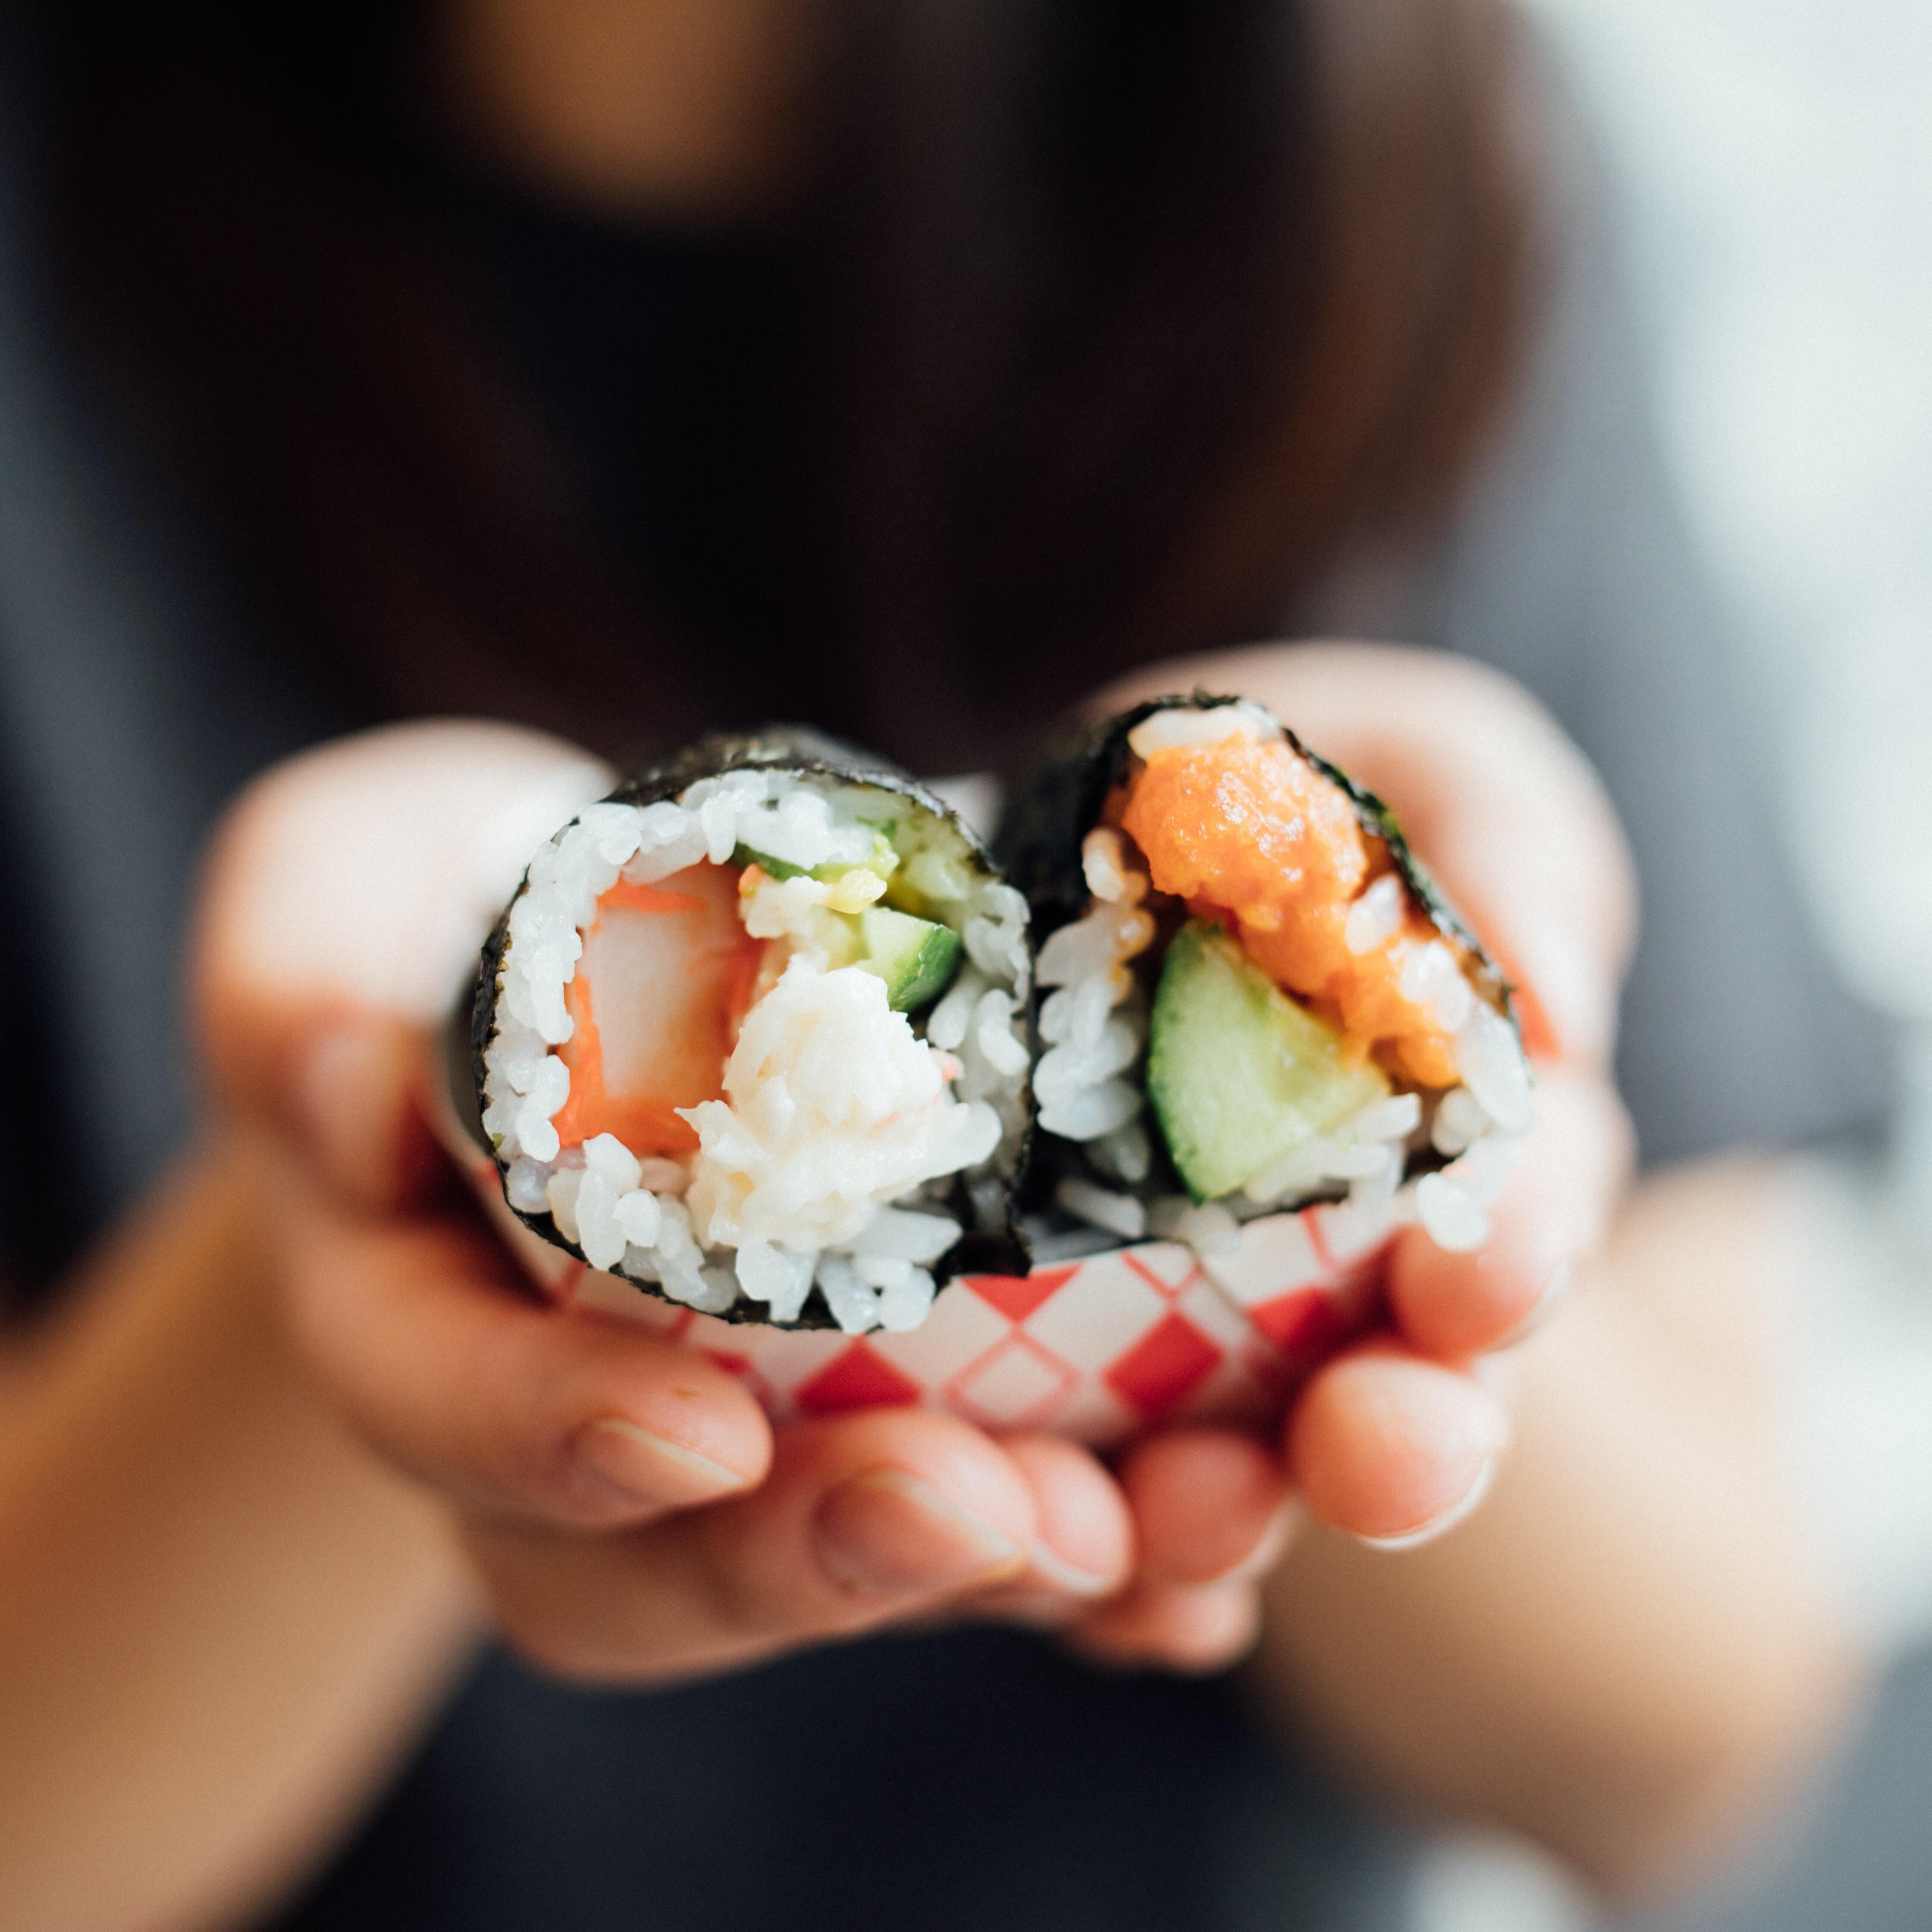 Простые рецепты суши в домашних условиях (получится не хуже, чем в ресторане)